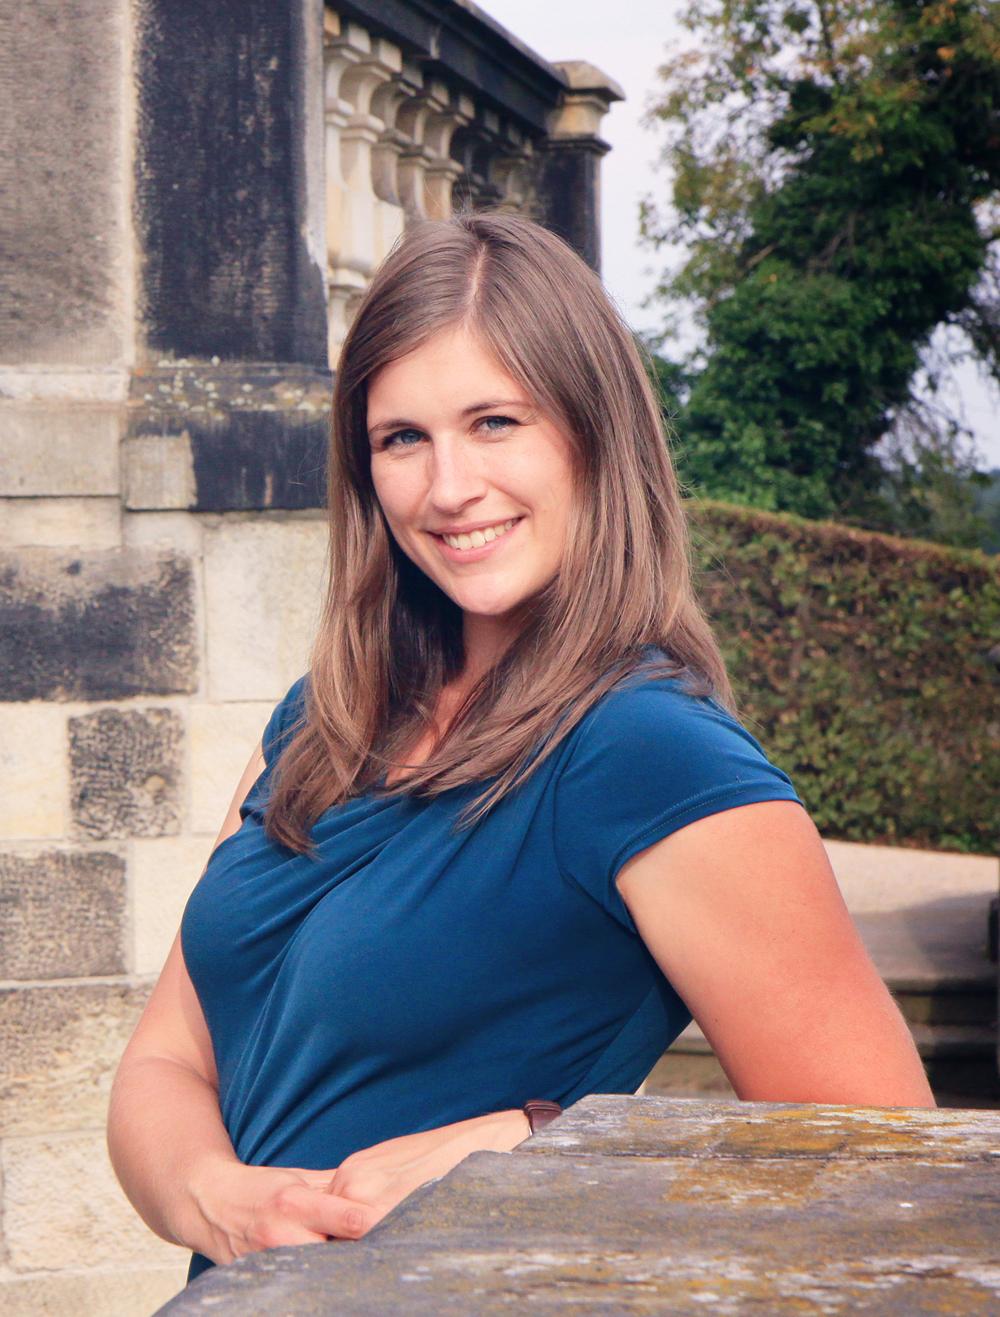 Franziska Seumenicht